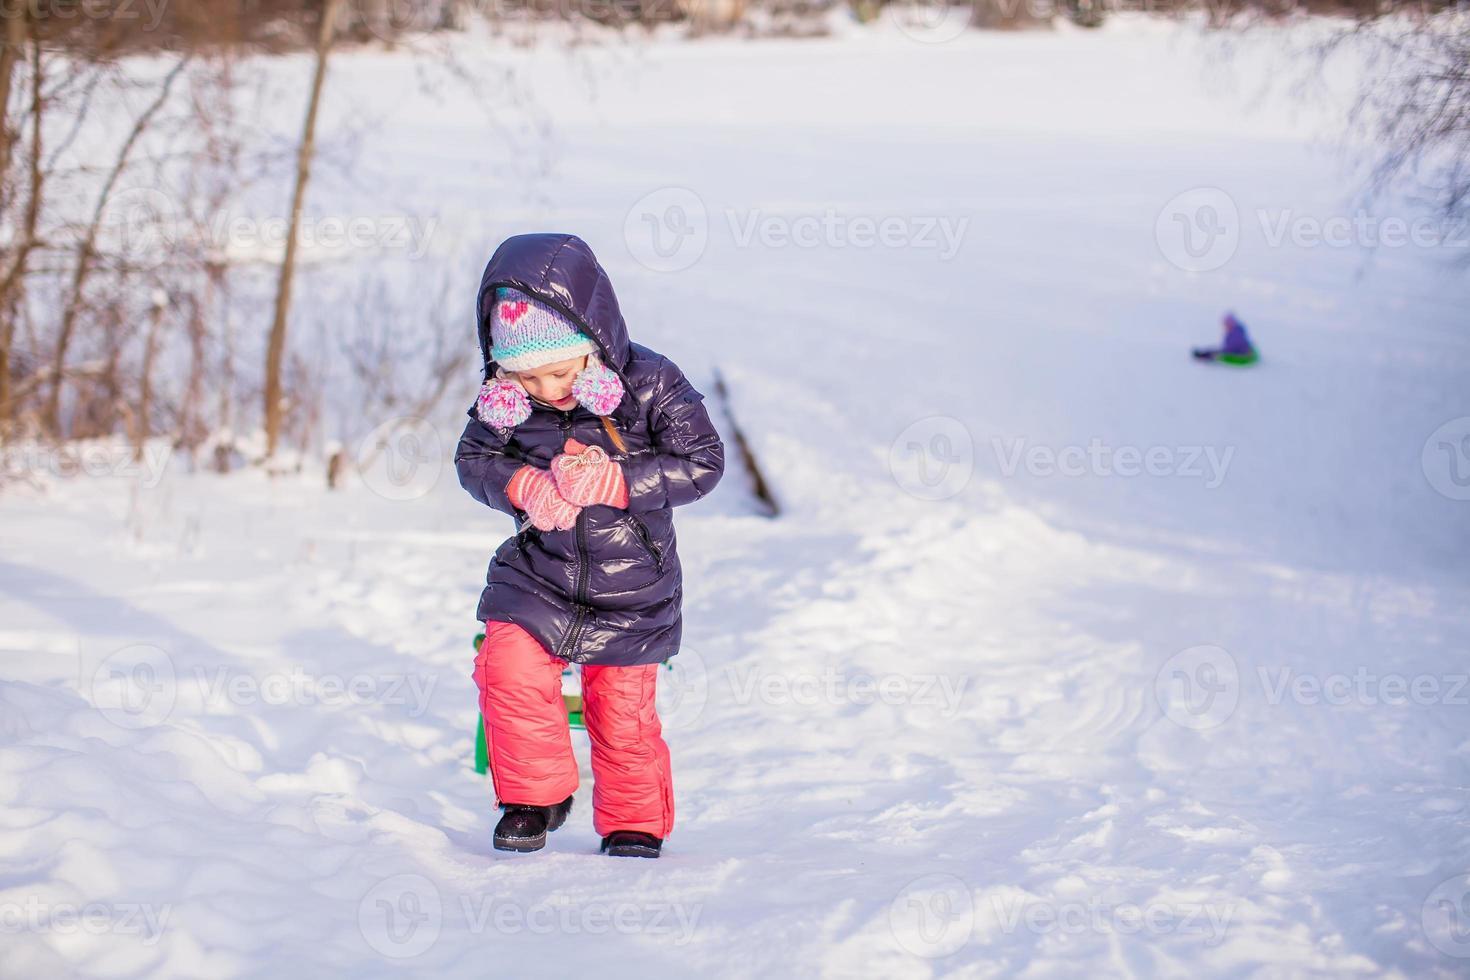 petite fille heureuse adorable appréciant la neige journée d'hiver ensoleillée photo